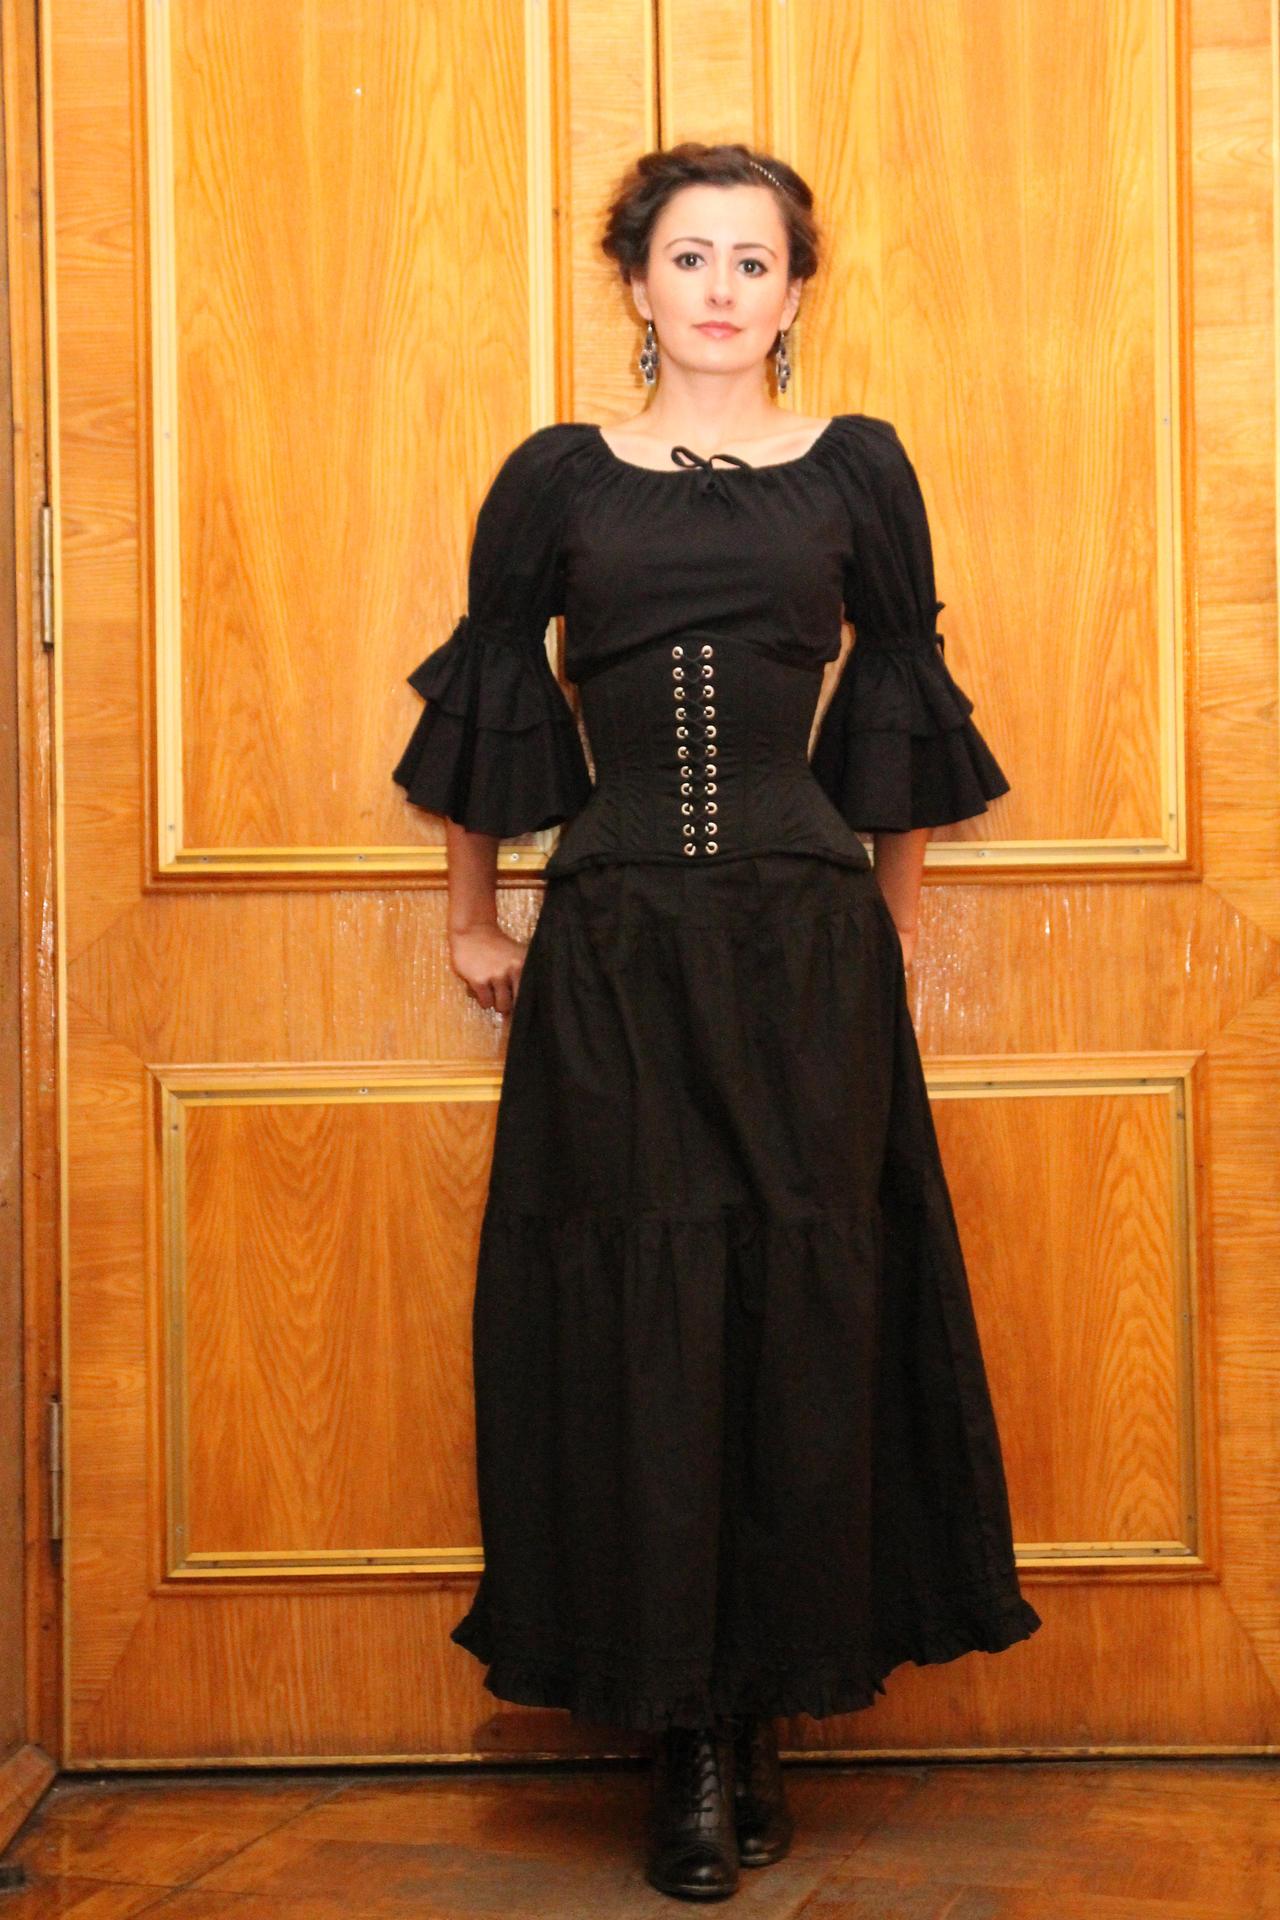 In black 18 by Anna-LovelyMonster